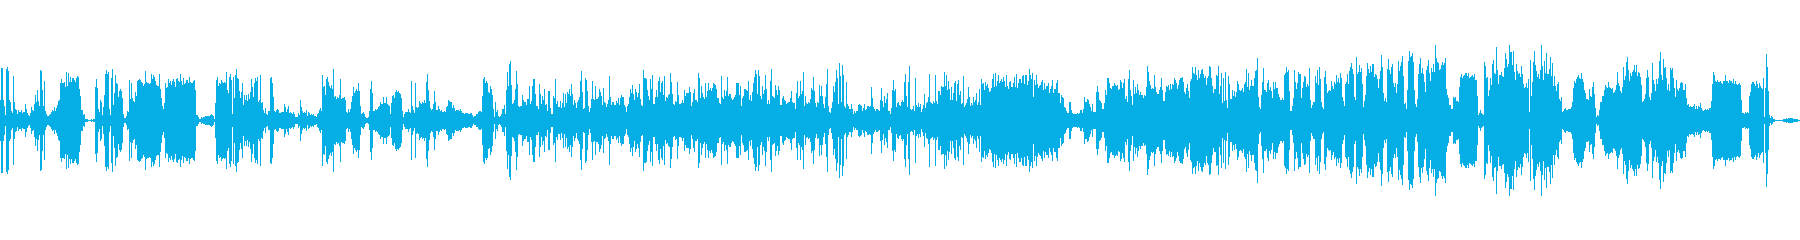 破壊マシングリッチ散発的なアクショ...の再生済みの波形